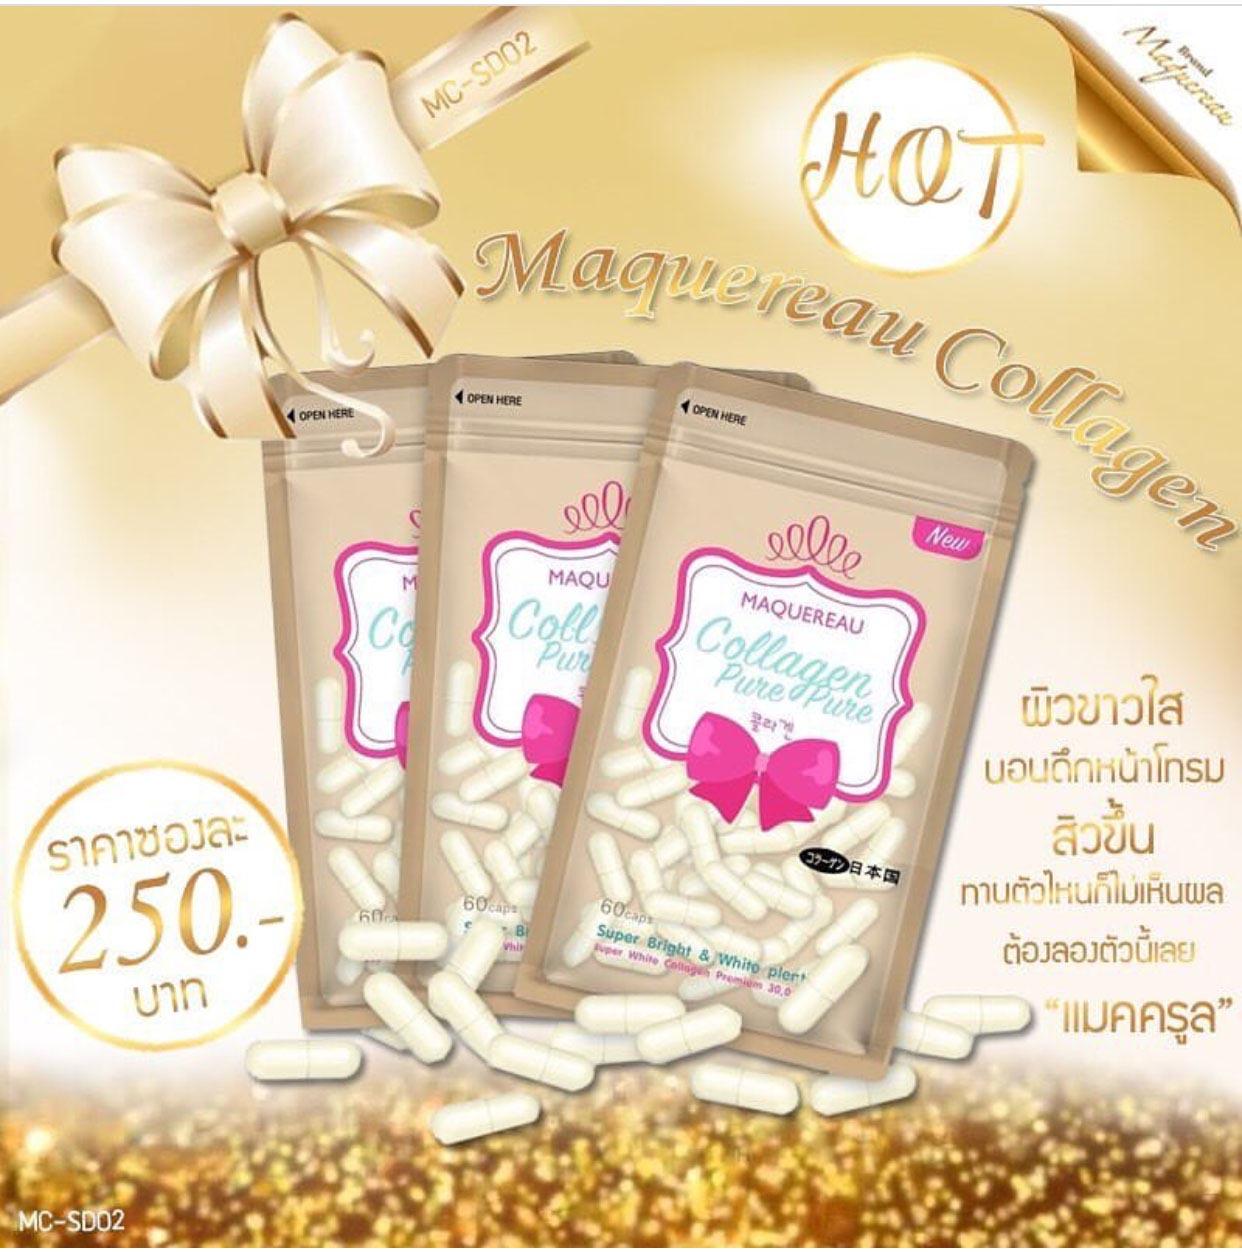 Maquereau Collagen Pure Pure 100,000 mg. แมคครูล คอลลาเจน เพียวเพียว จากญี่ปุ่น ผิวขาว ใส ไร้สิว เปล่งประกาย ออร่า วิ๊งค์สุด ขนาด 60 เม็ด ของแท้ 100%